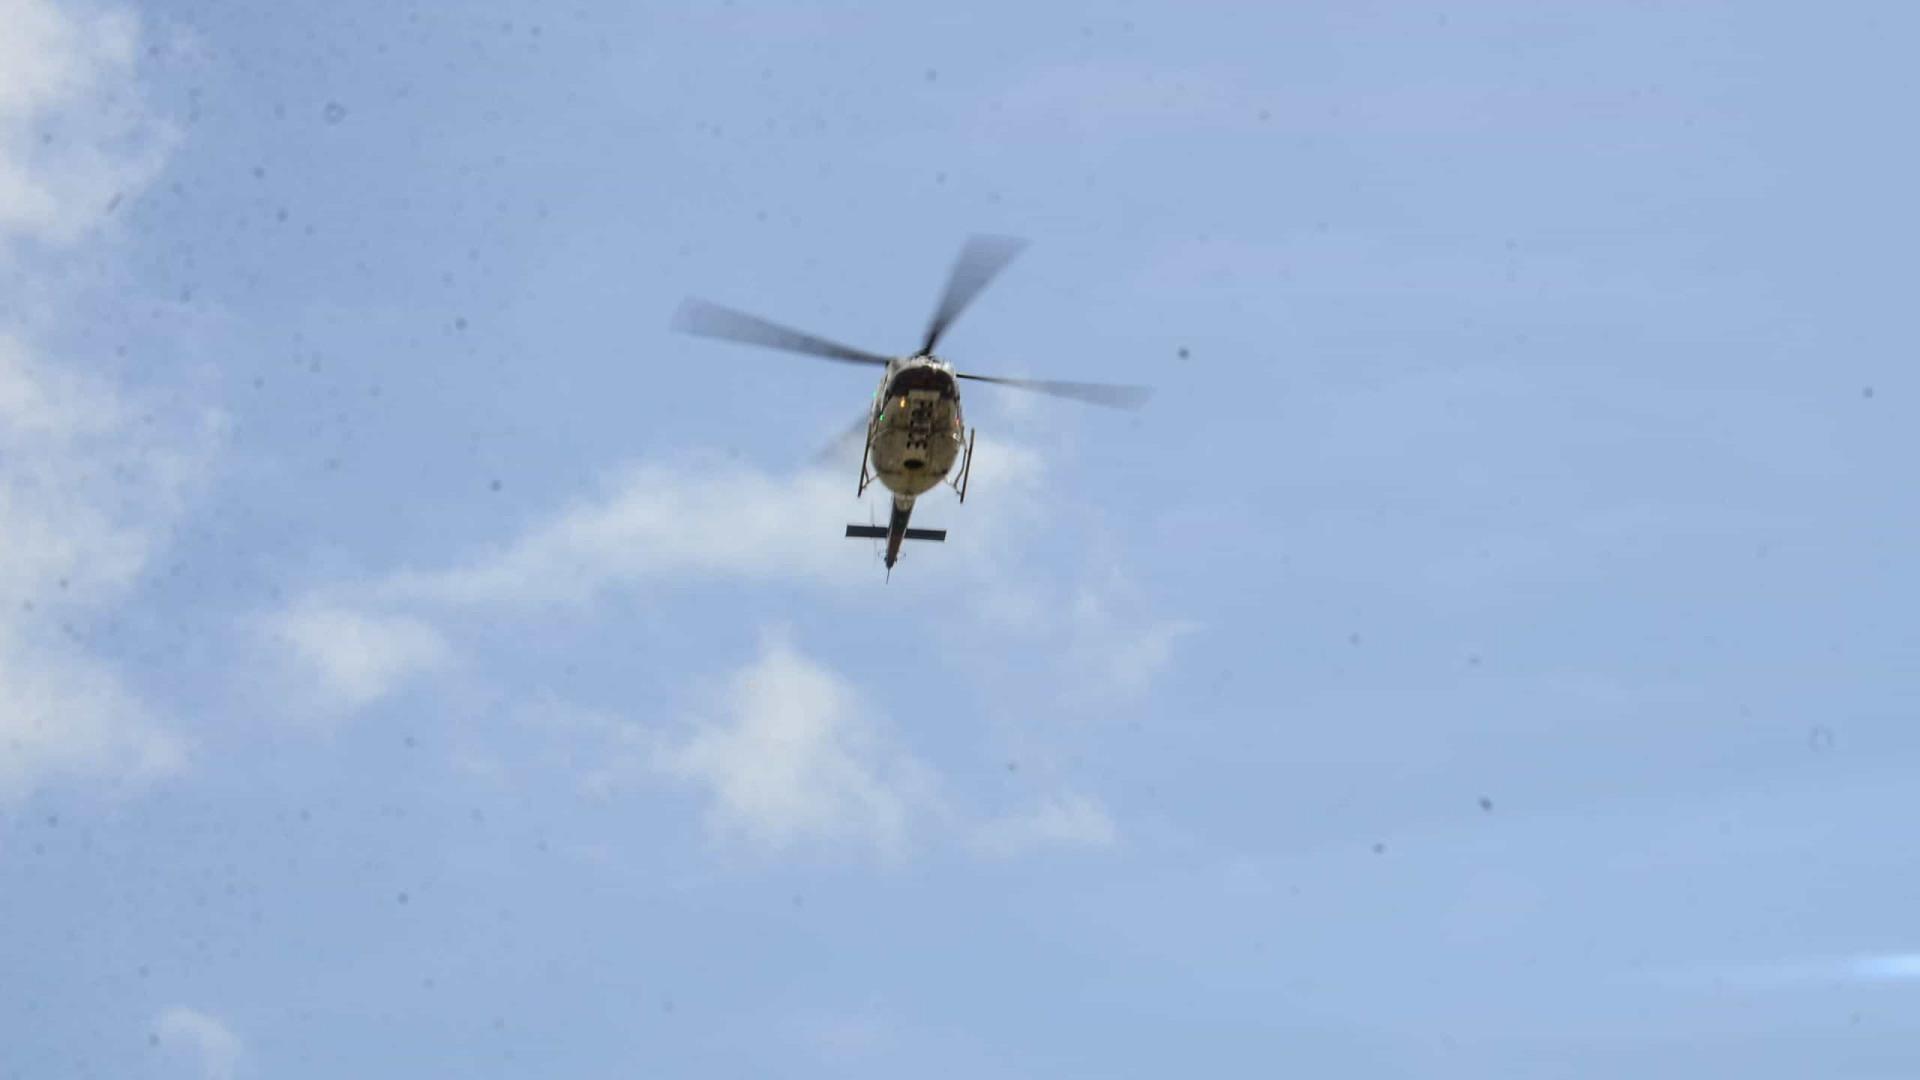 Tiros atingem helicóptero em que viajava líder da Colômbia